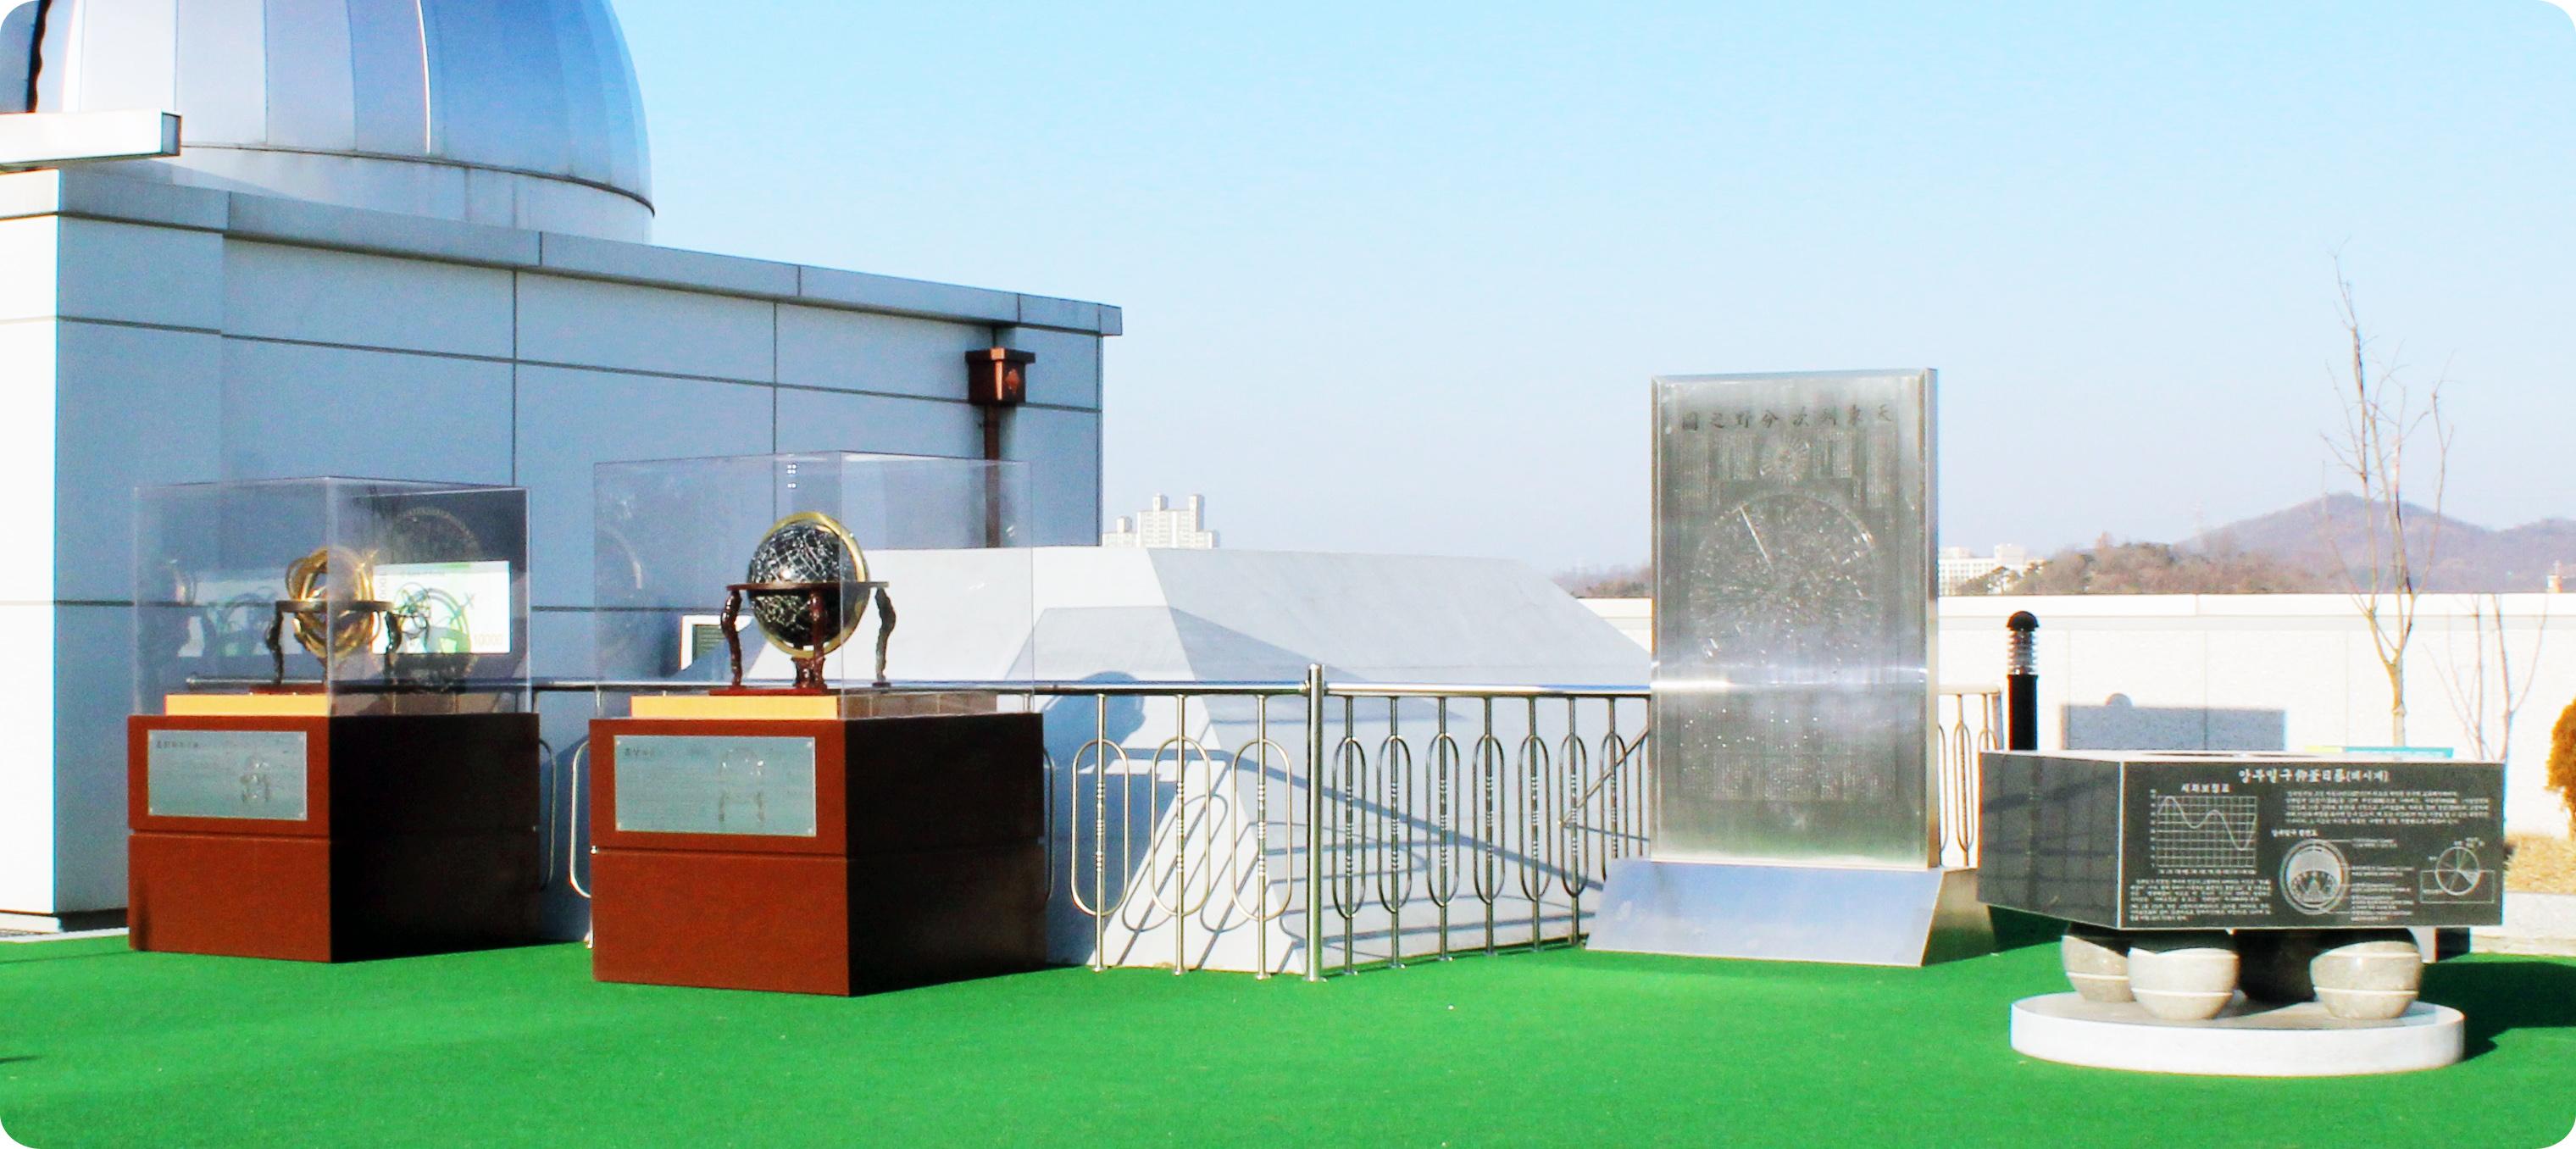 시흥농업기술센터2.jpg